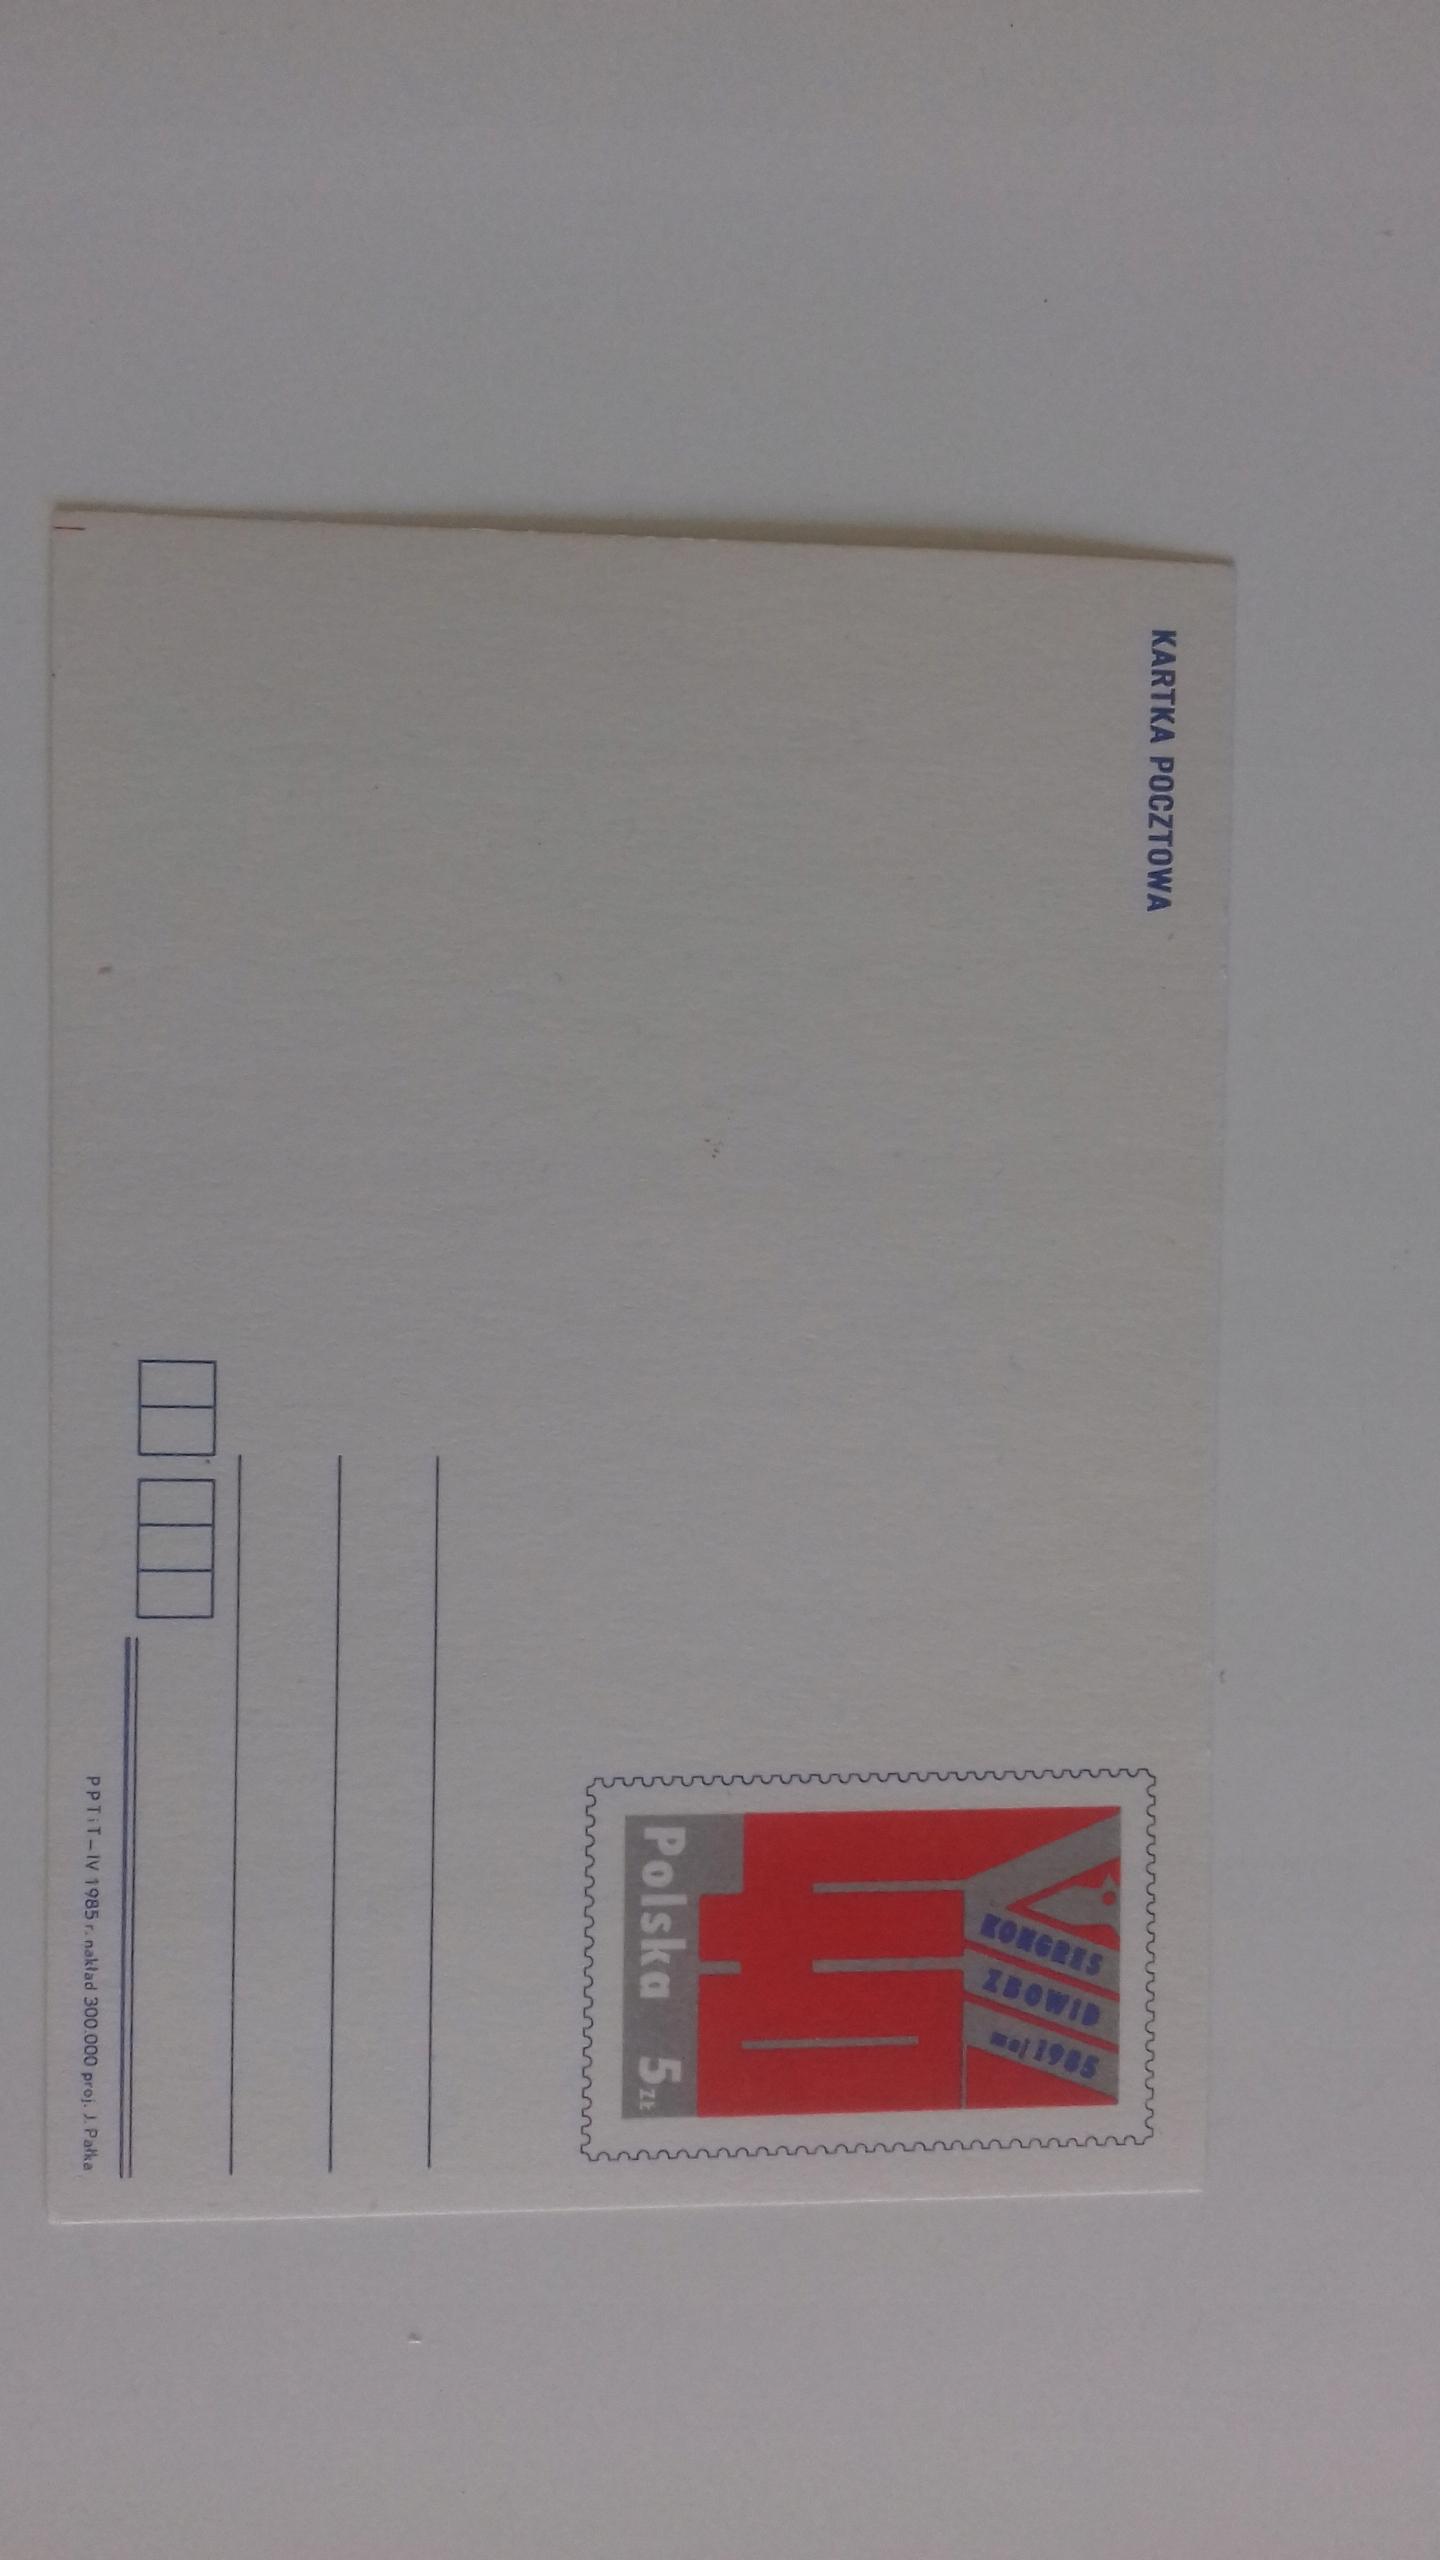 Открытка конгресса Збовид, май 1985 г.